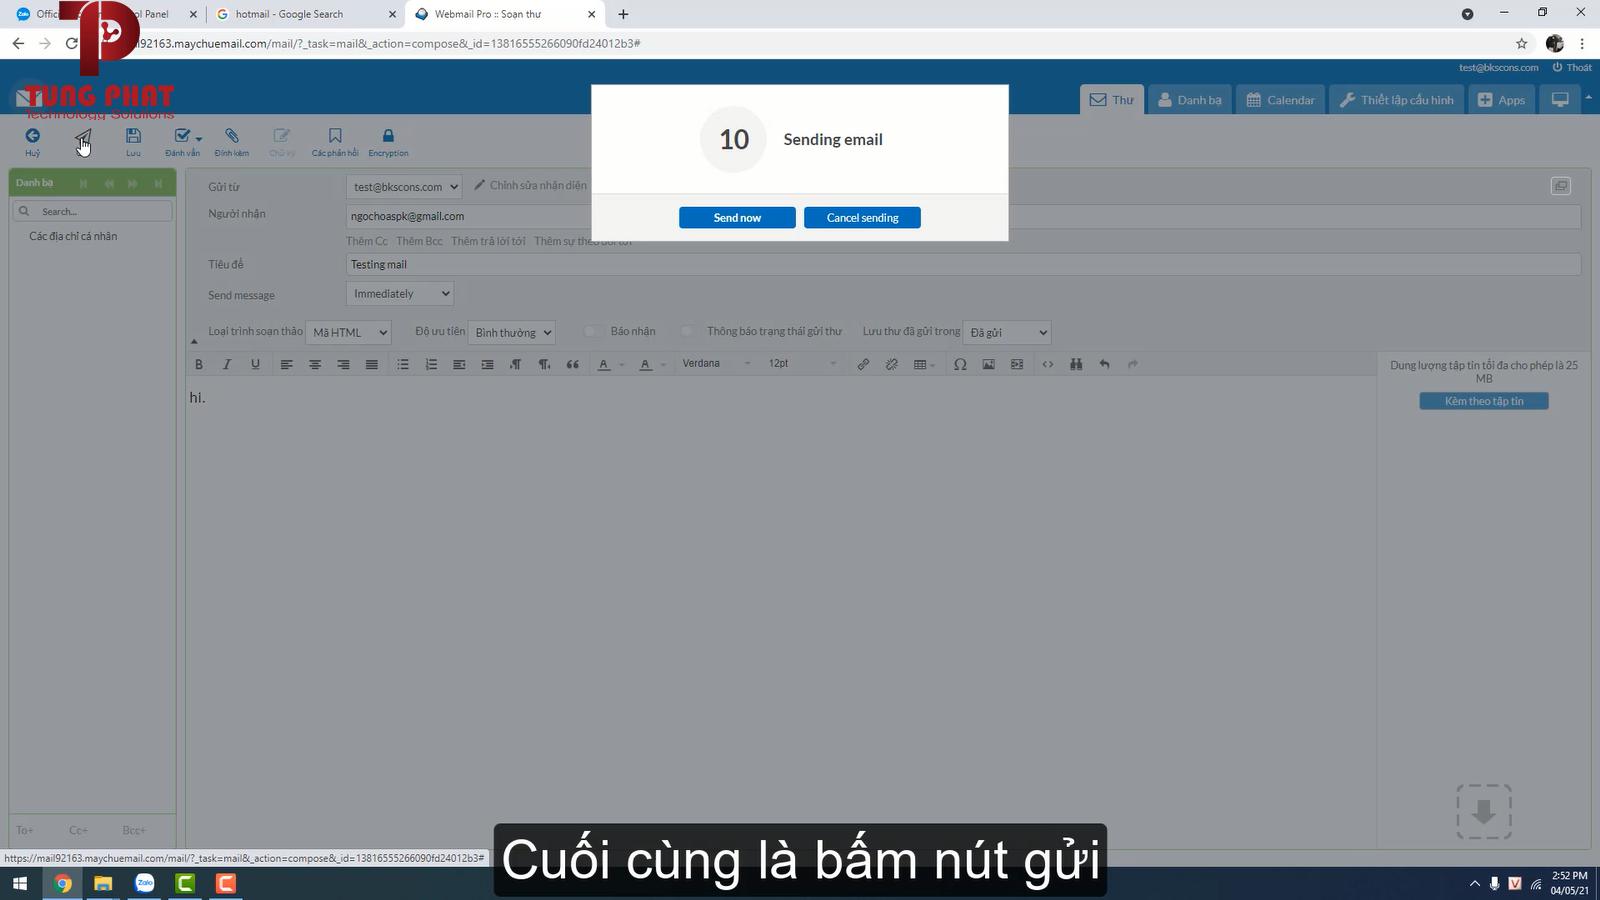 Bấm nút gửi để gửi email